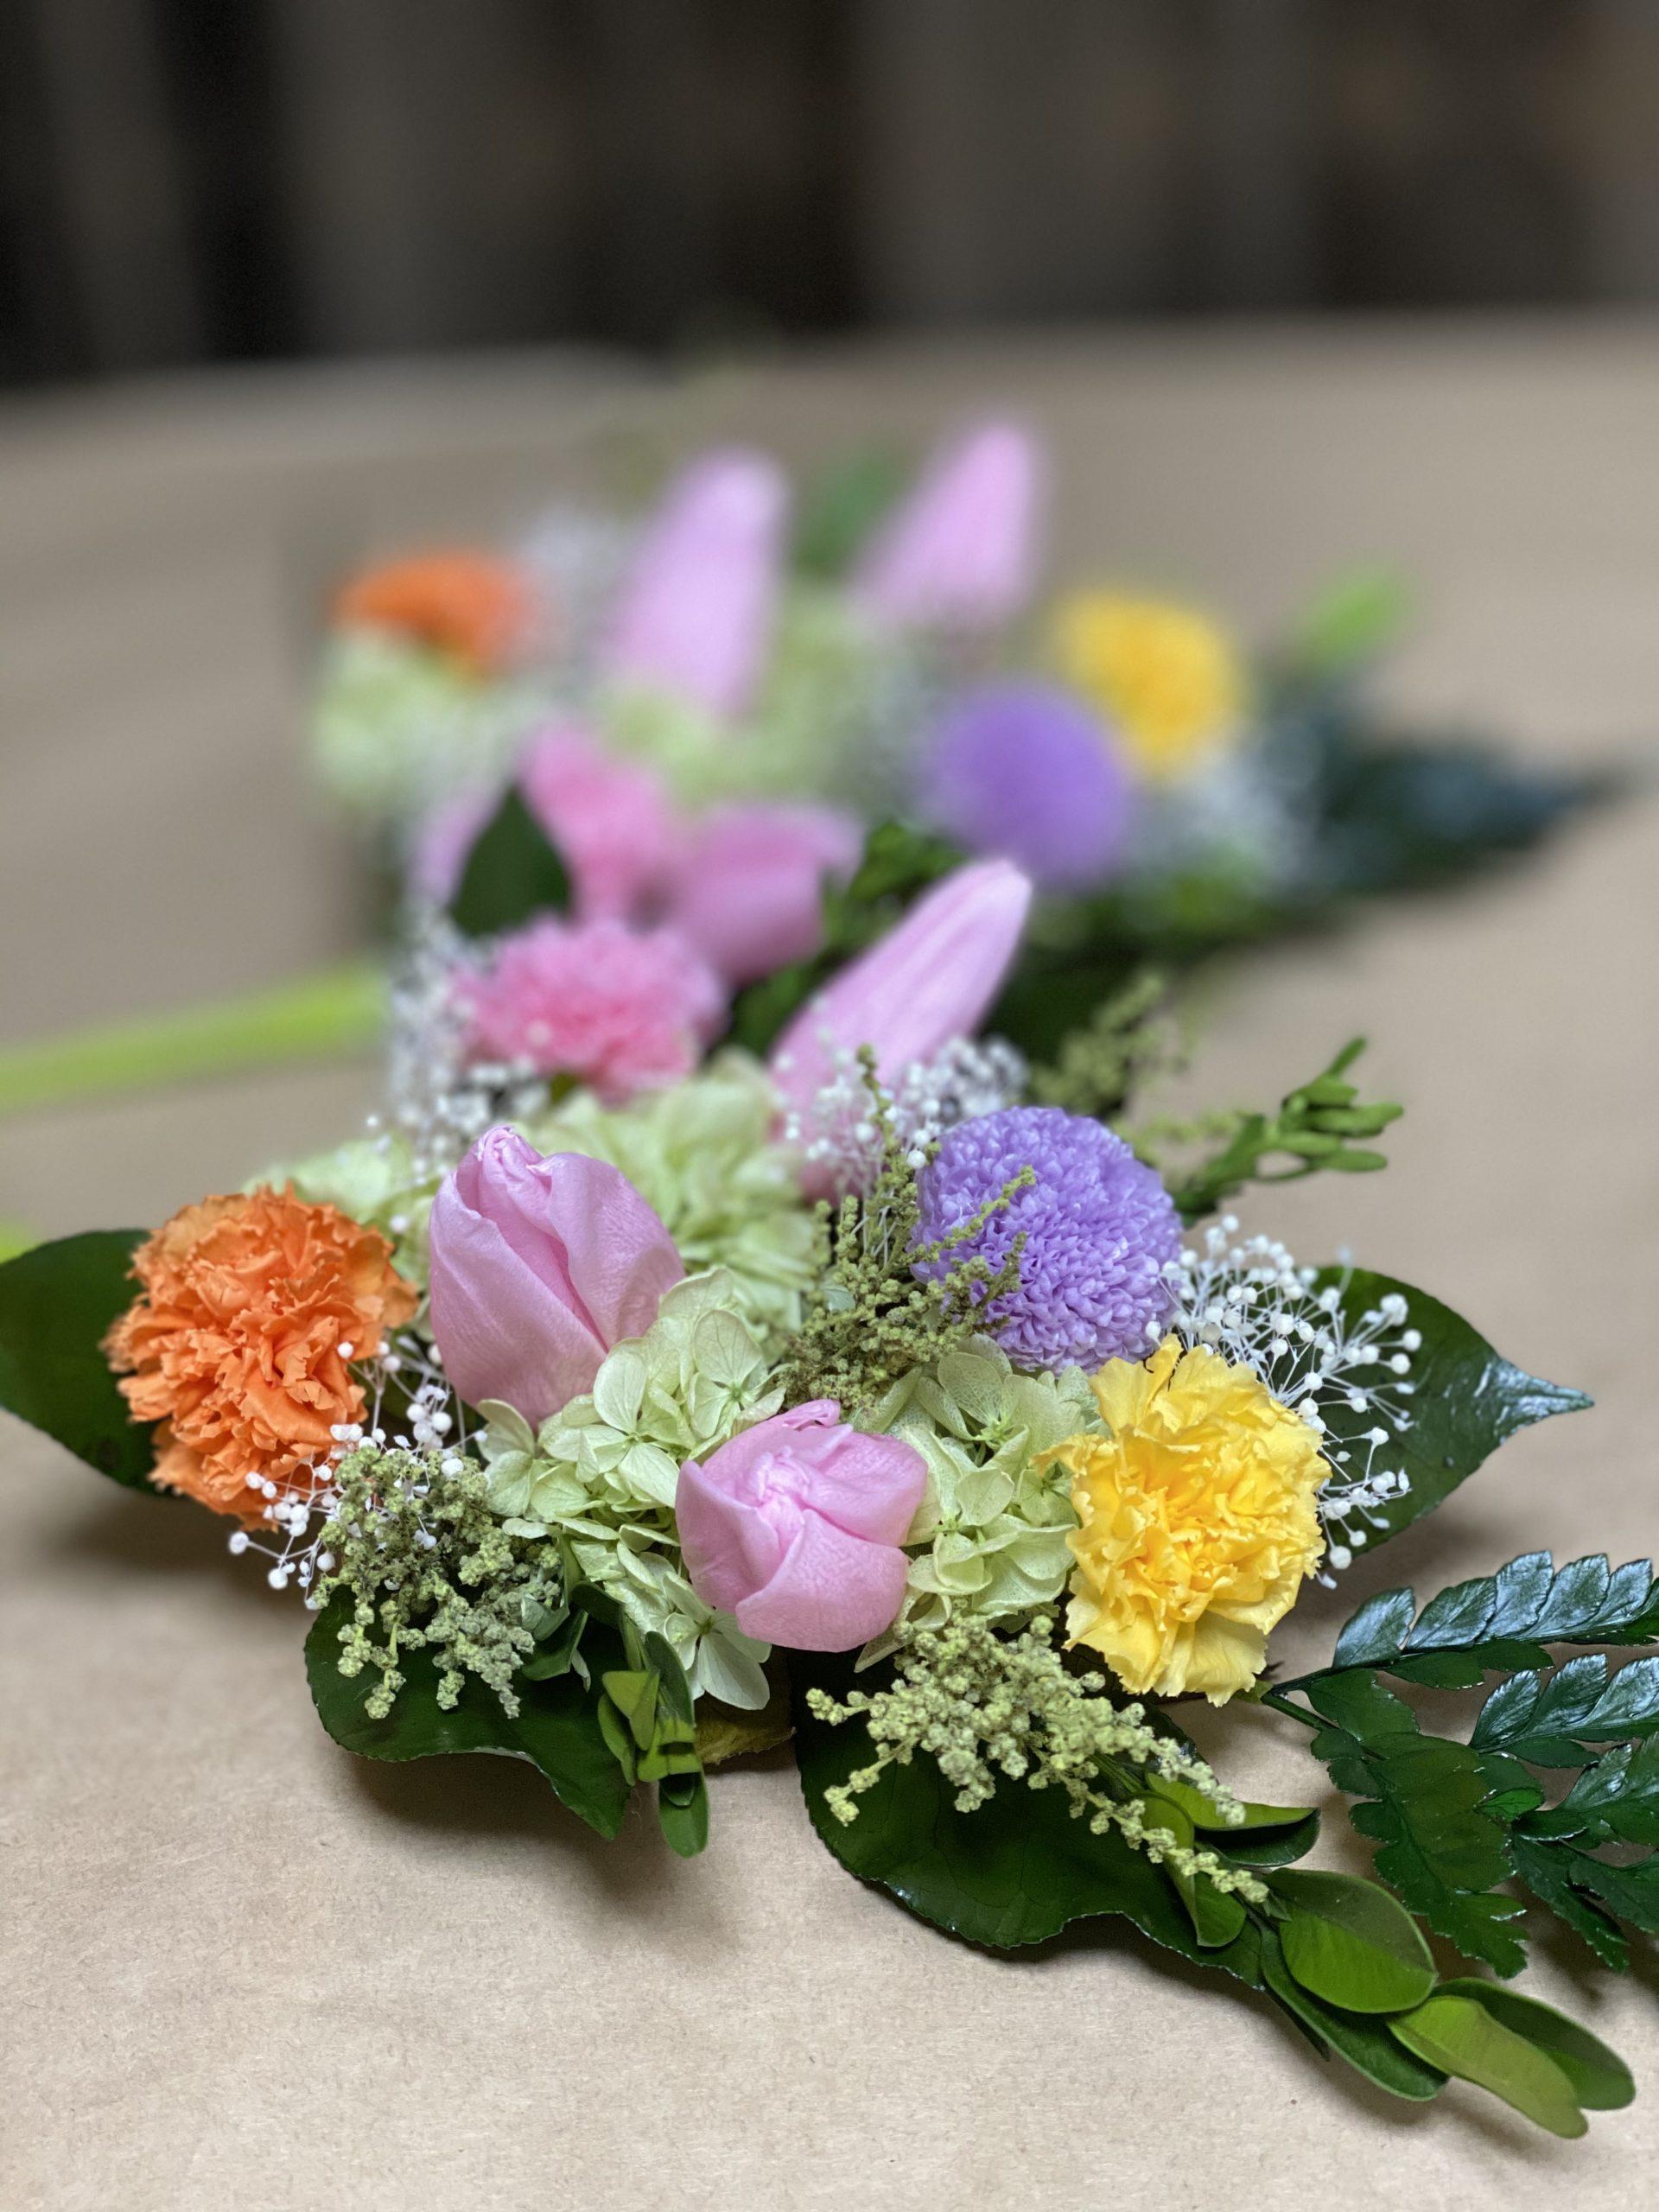 チューリップのプリザーブド仏花